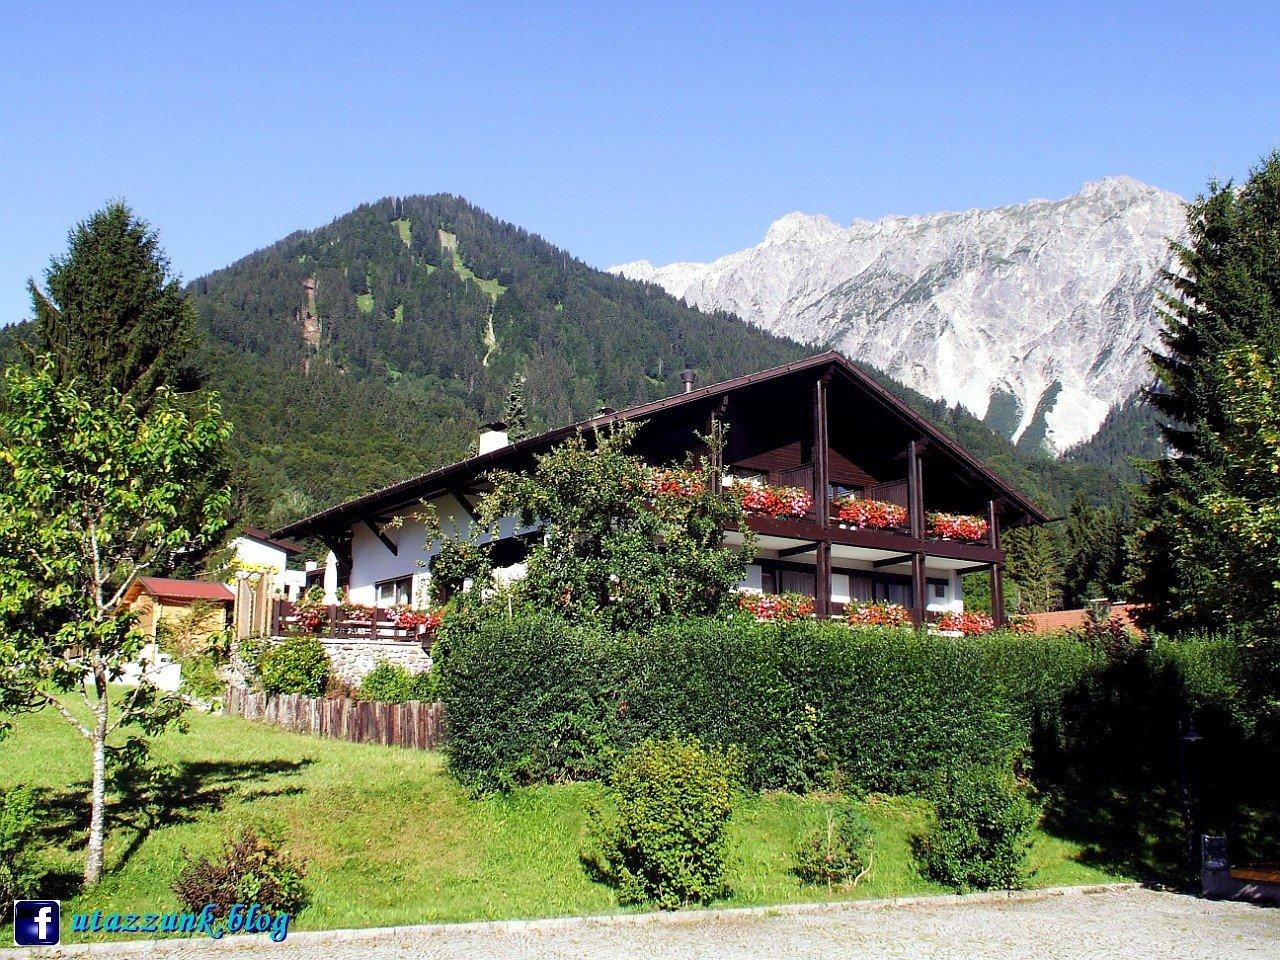 sonnenstein ausztria térkép Kalandozások Vorarlberg (A) szálláshelytől (CH, FL, D, I, A  sonnenstein ausztria térkép